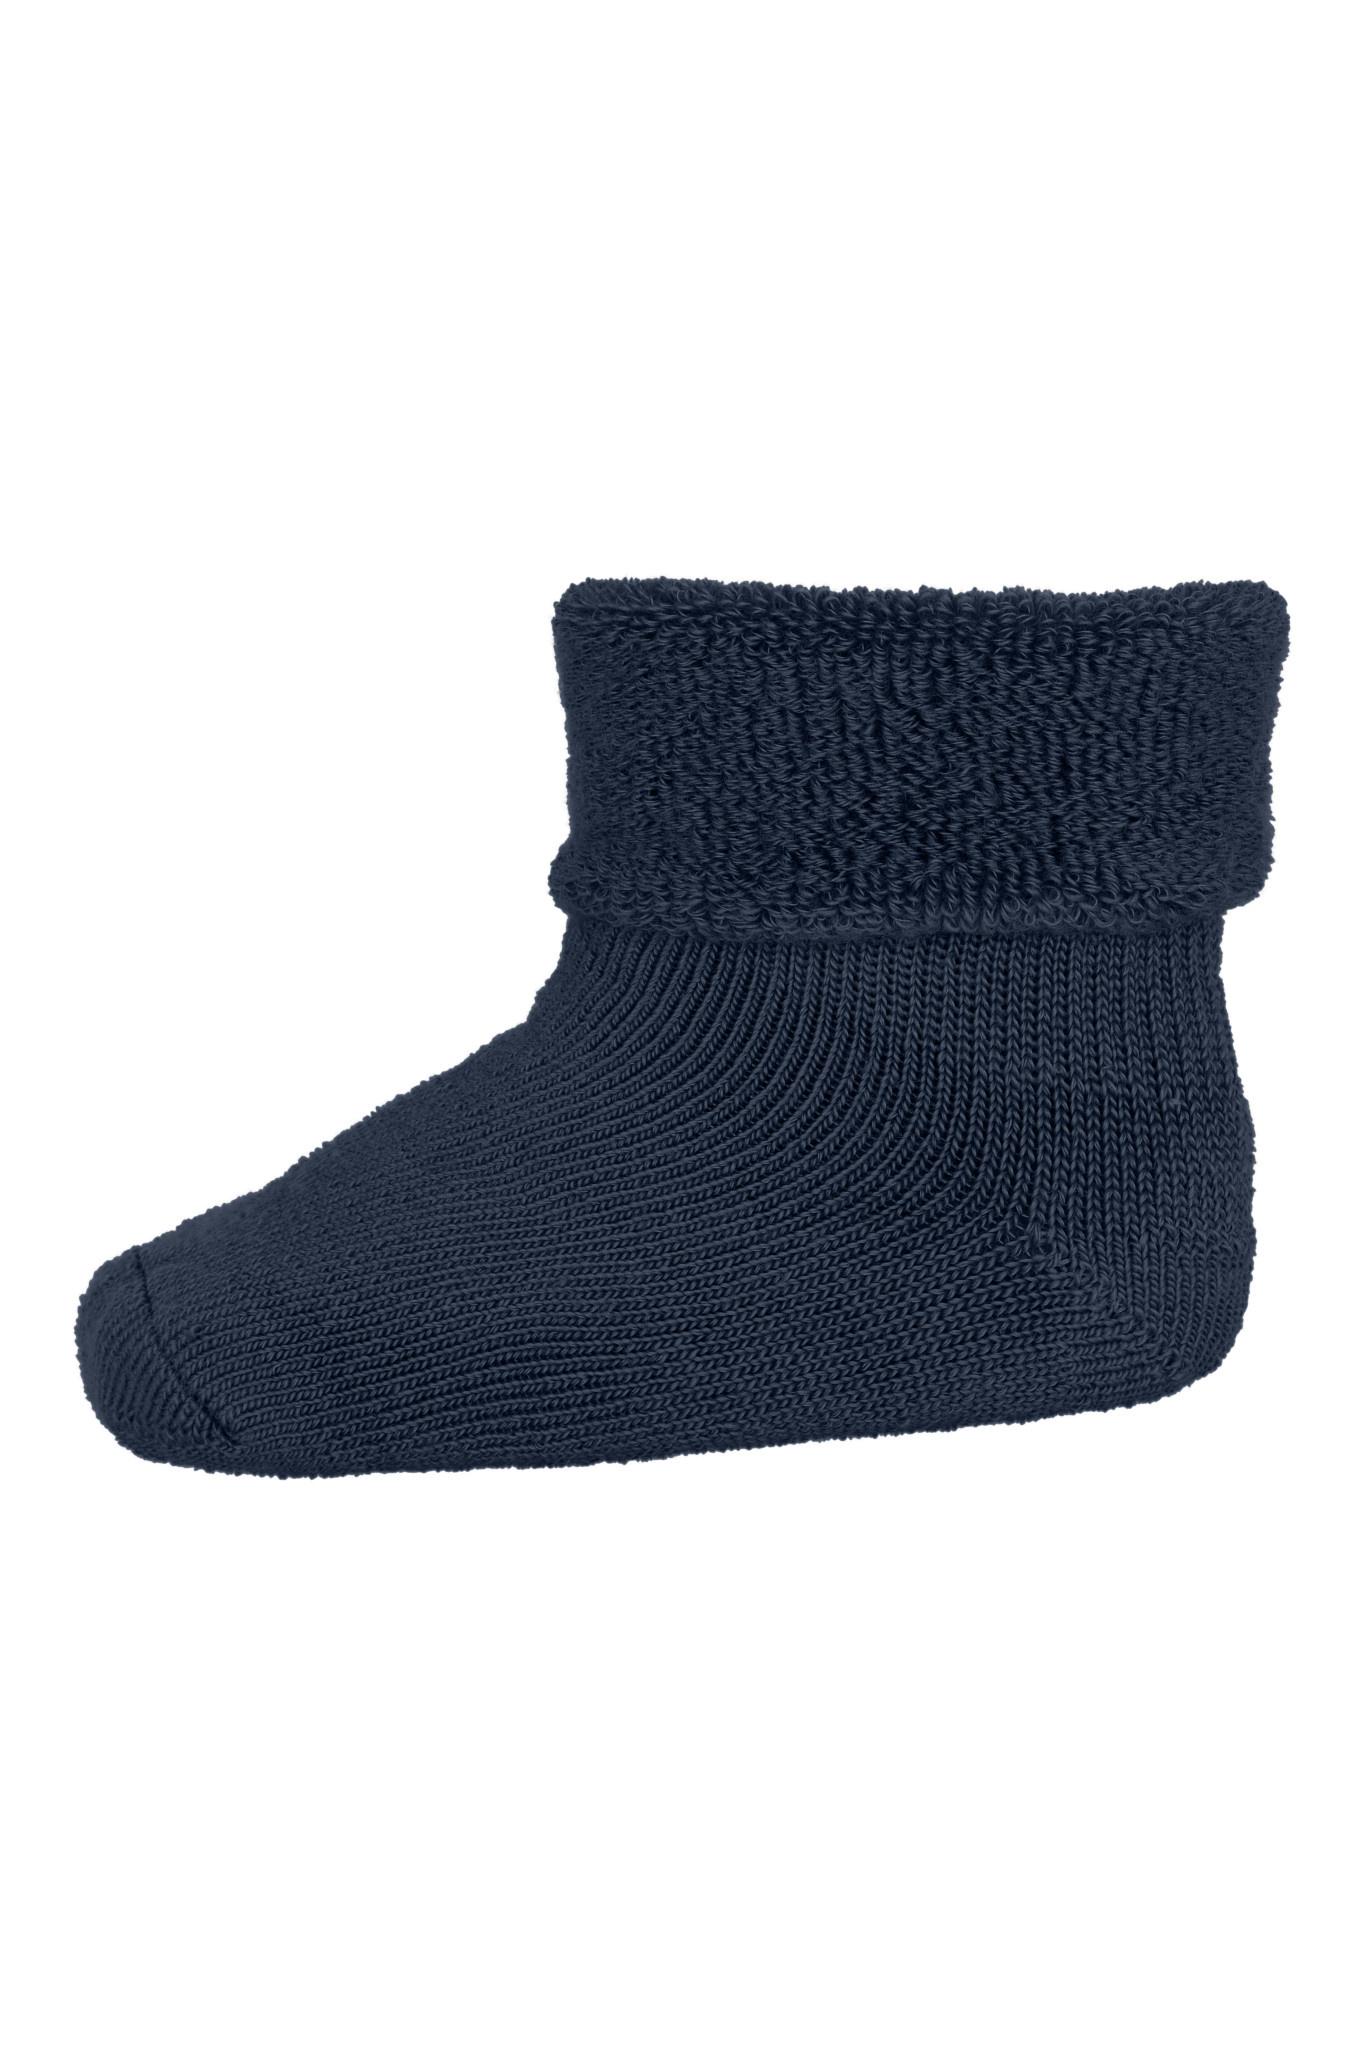 MP Denmark wol teddy sokjes 498 dark denim melange-1